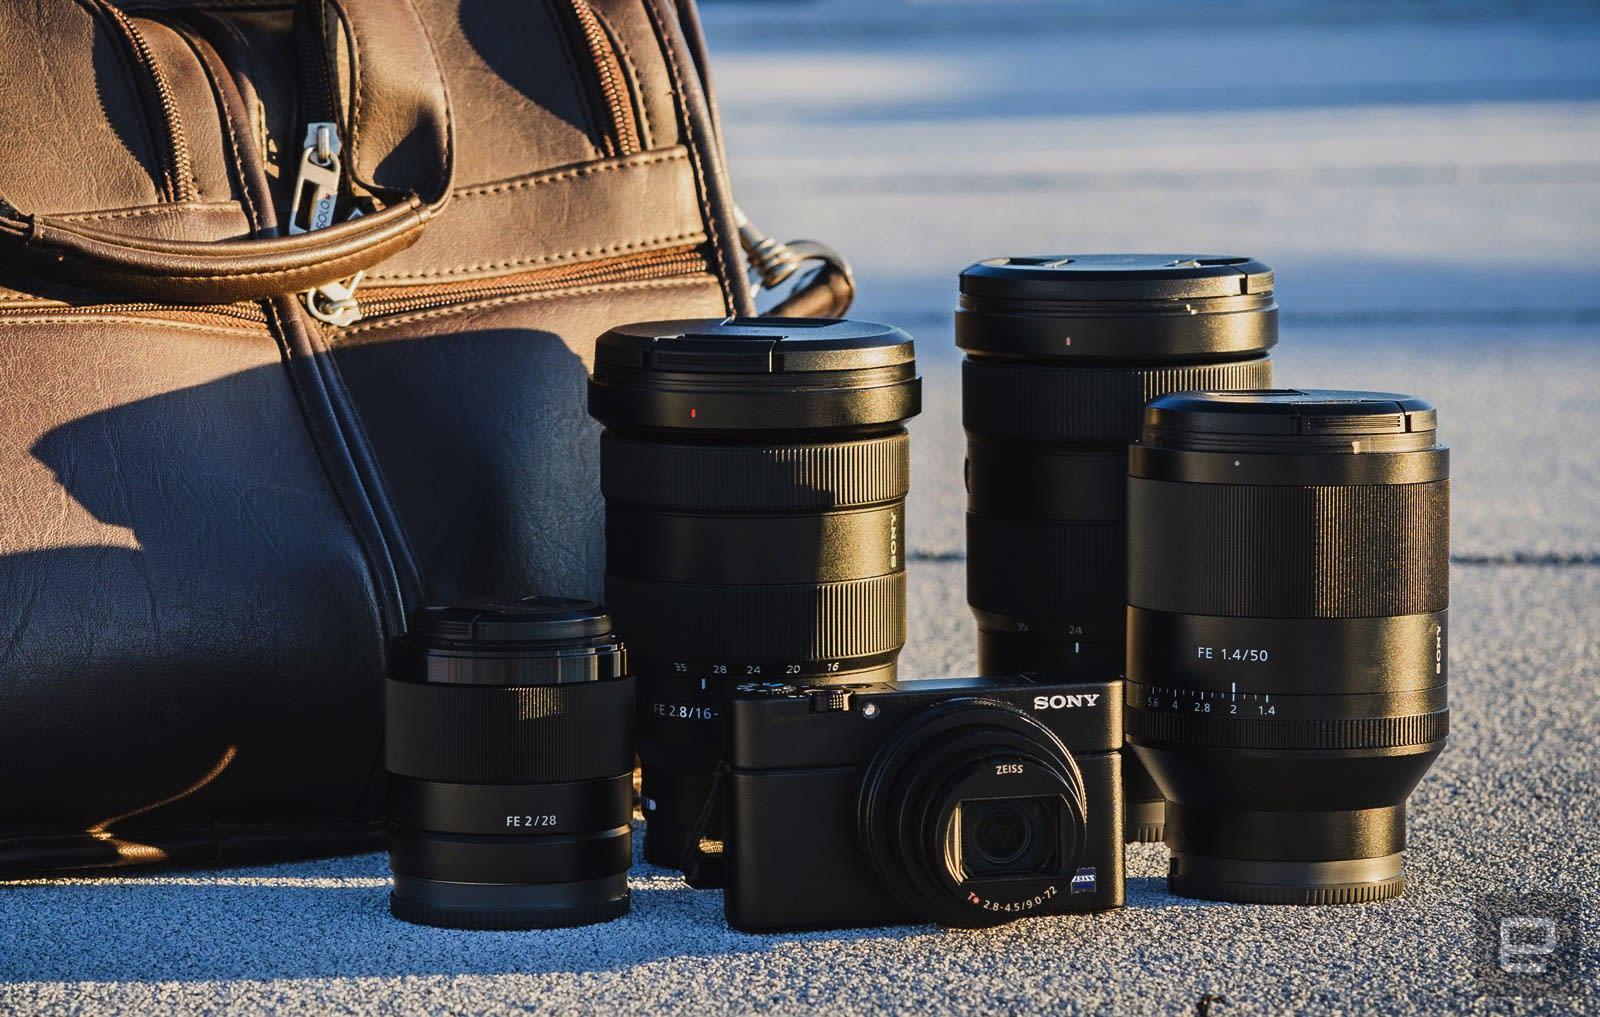 The best lenses for Sony FE mount